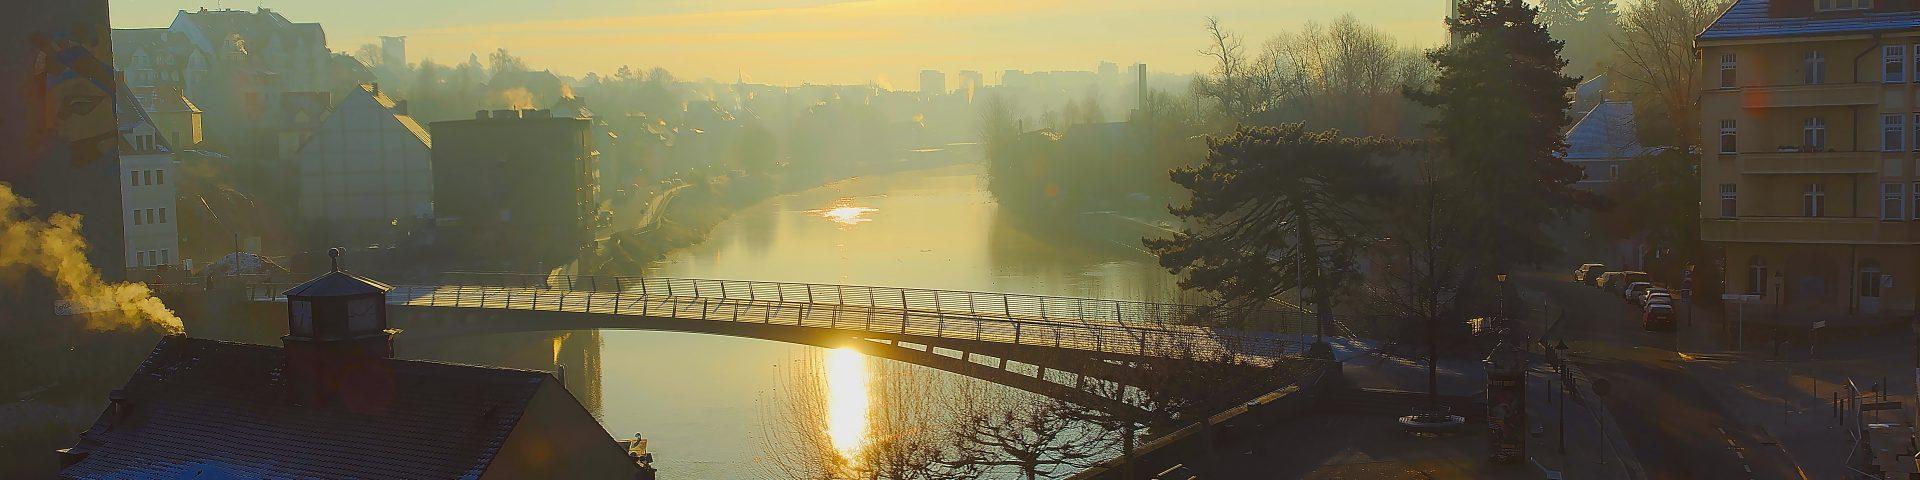 Altstadtbrück Görlitz Unterschiede zwischen Norwegen und Deutschland Sonnenaufgang